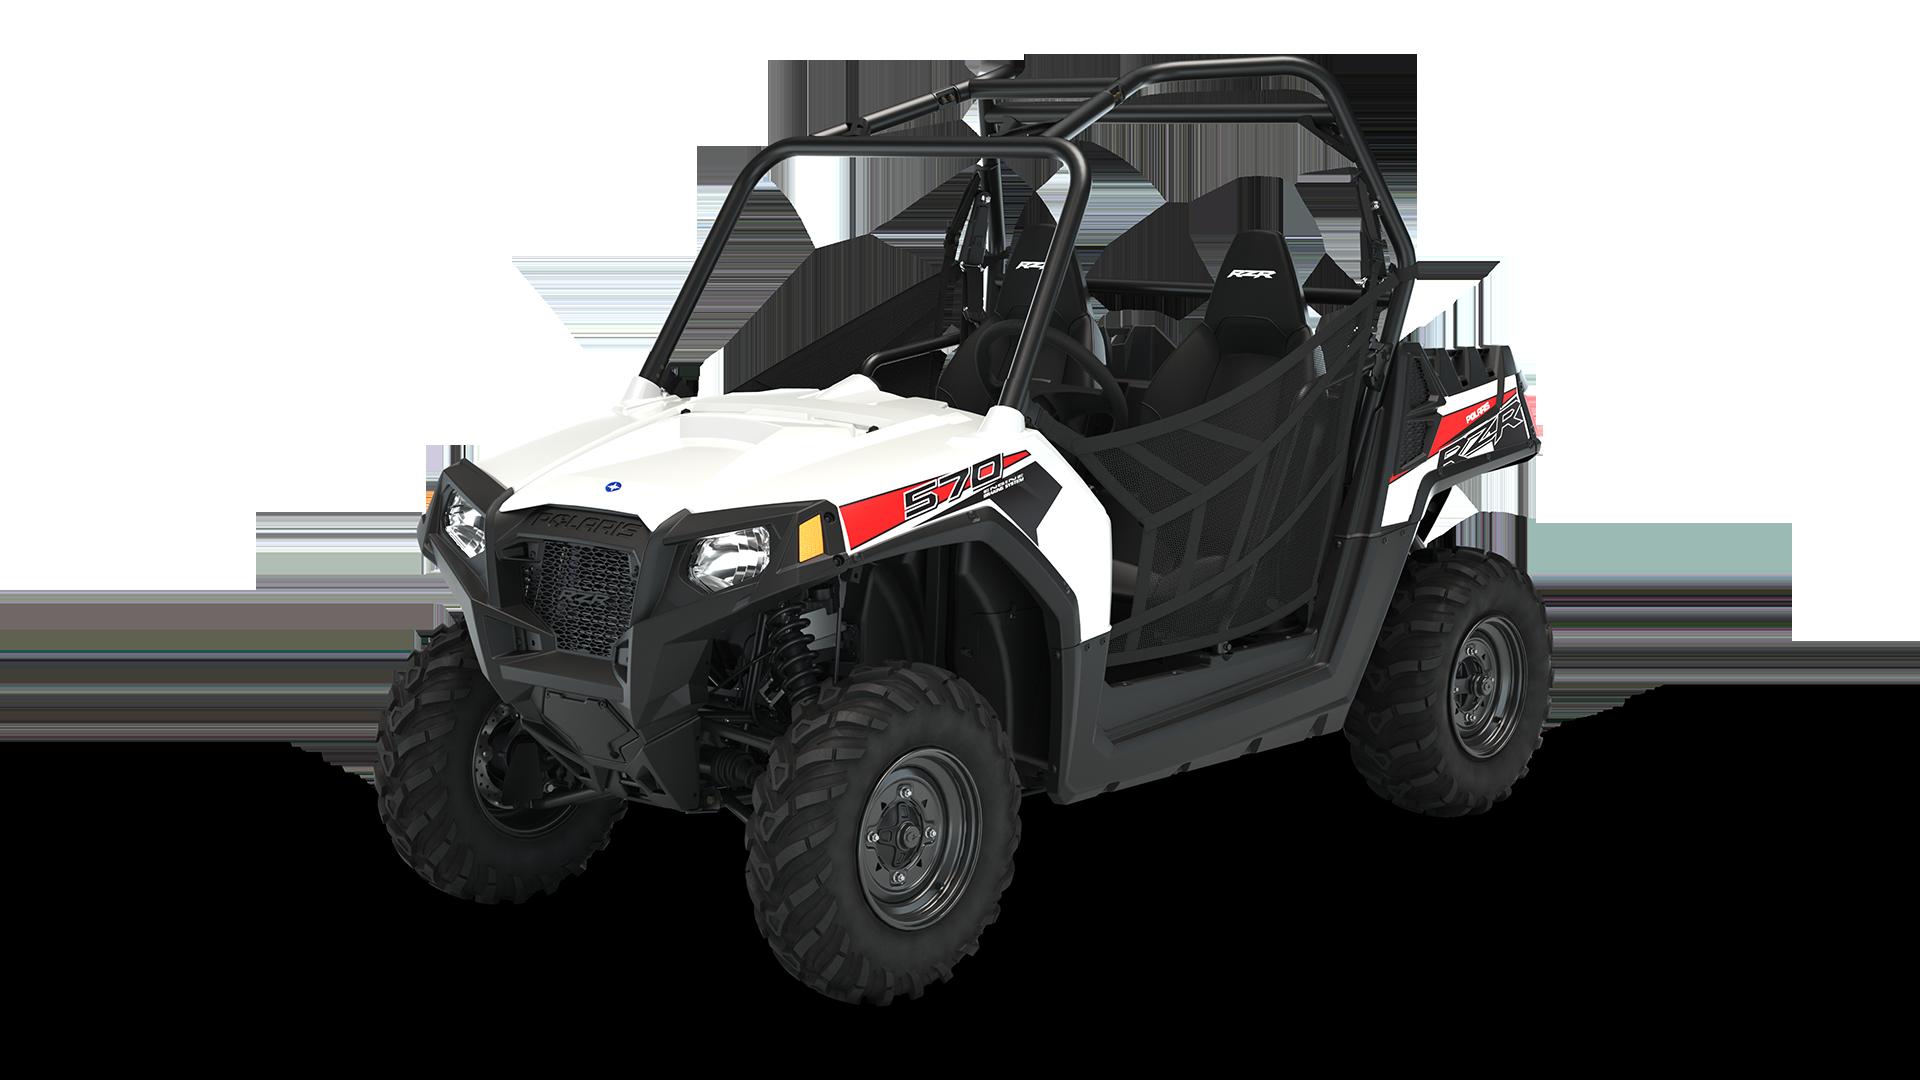 RZR 570 EFI 2022